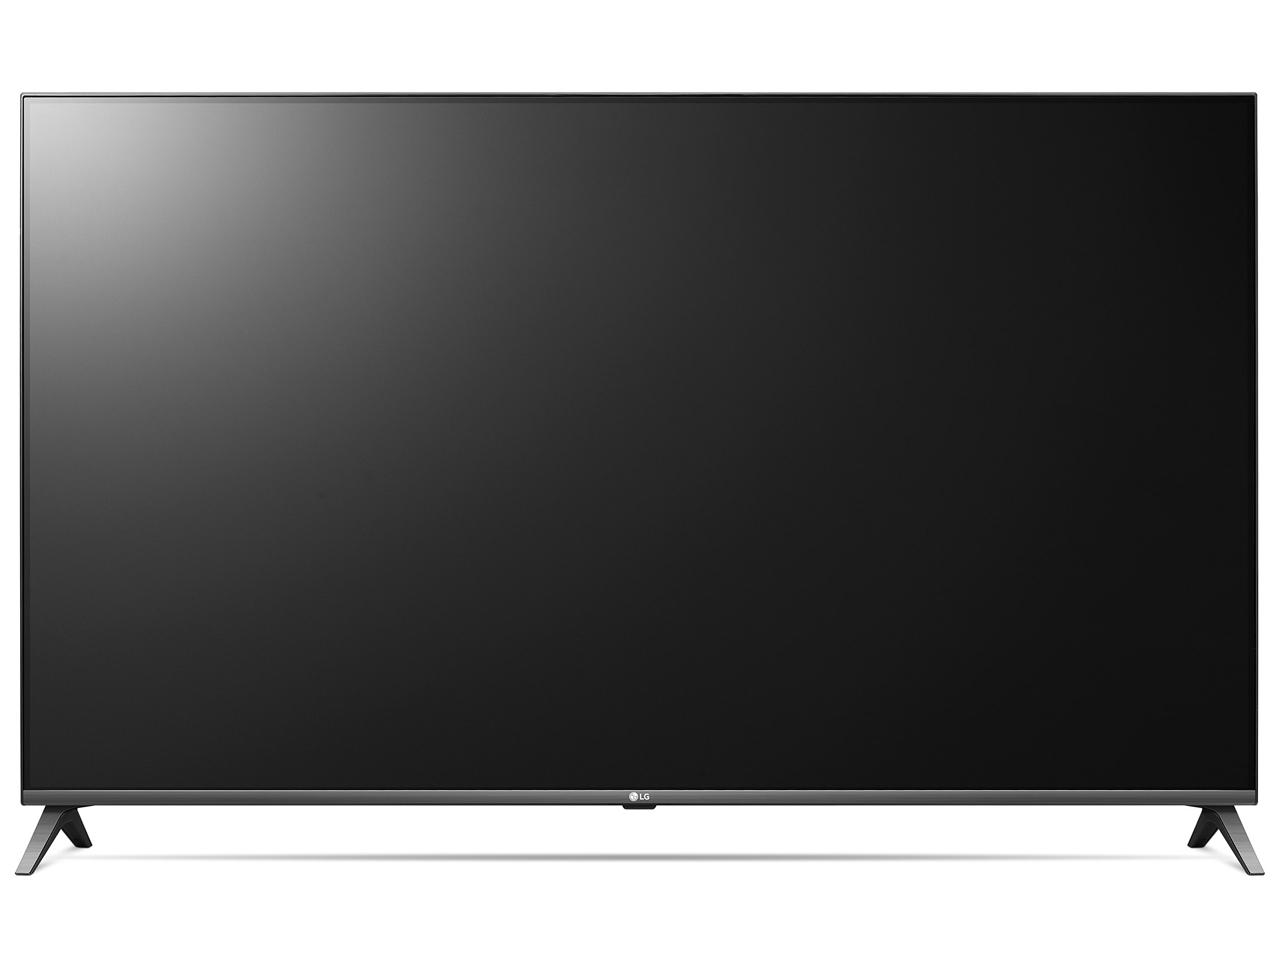 LGの55型液晶テレビ:55UM7500PJA